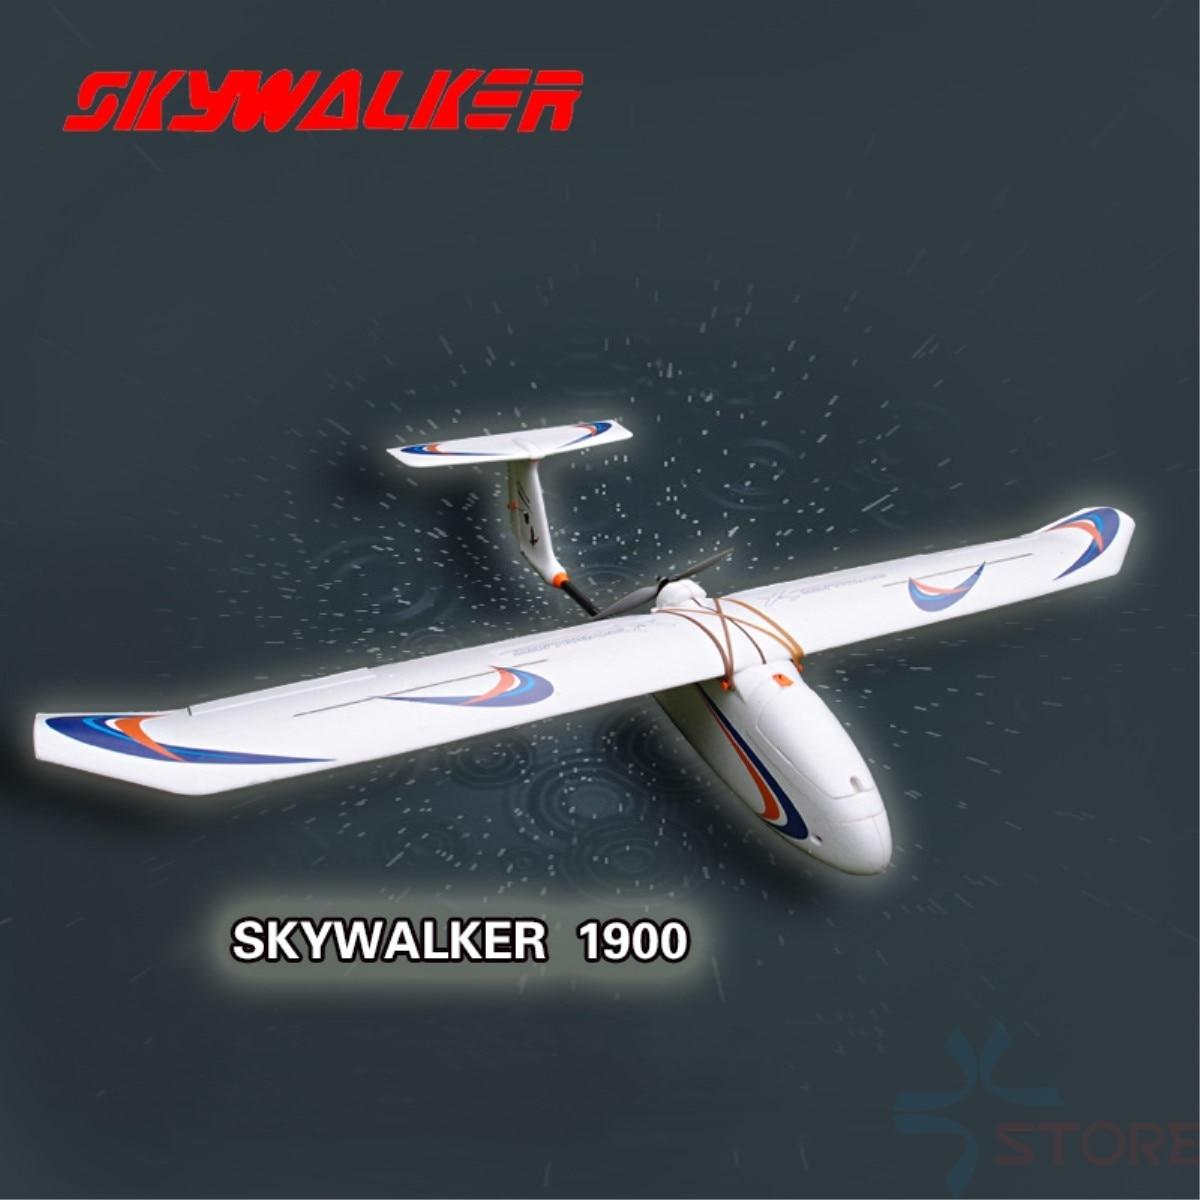 Skywalker самолет мм 1900 мм углеродное волокно Хвост Версия планер белый EPO FPV Самолет RC самолет комплект